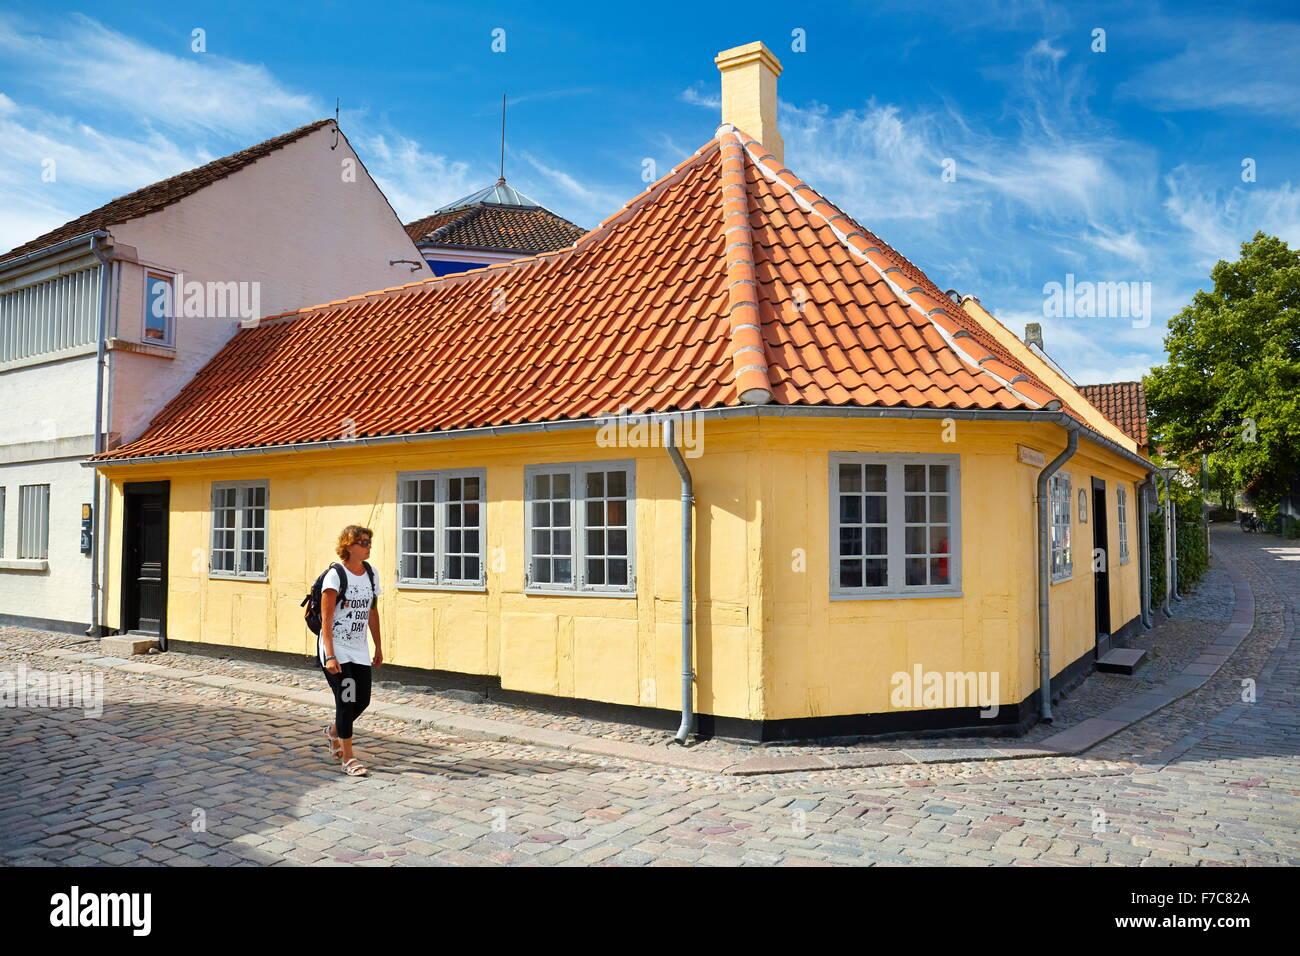 Hans Christian Andersen's home in Odense, Denmark - Stock Image